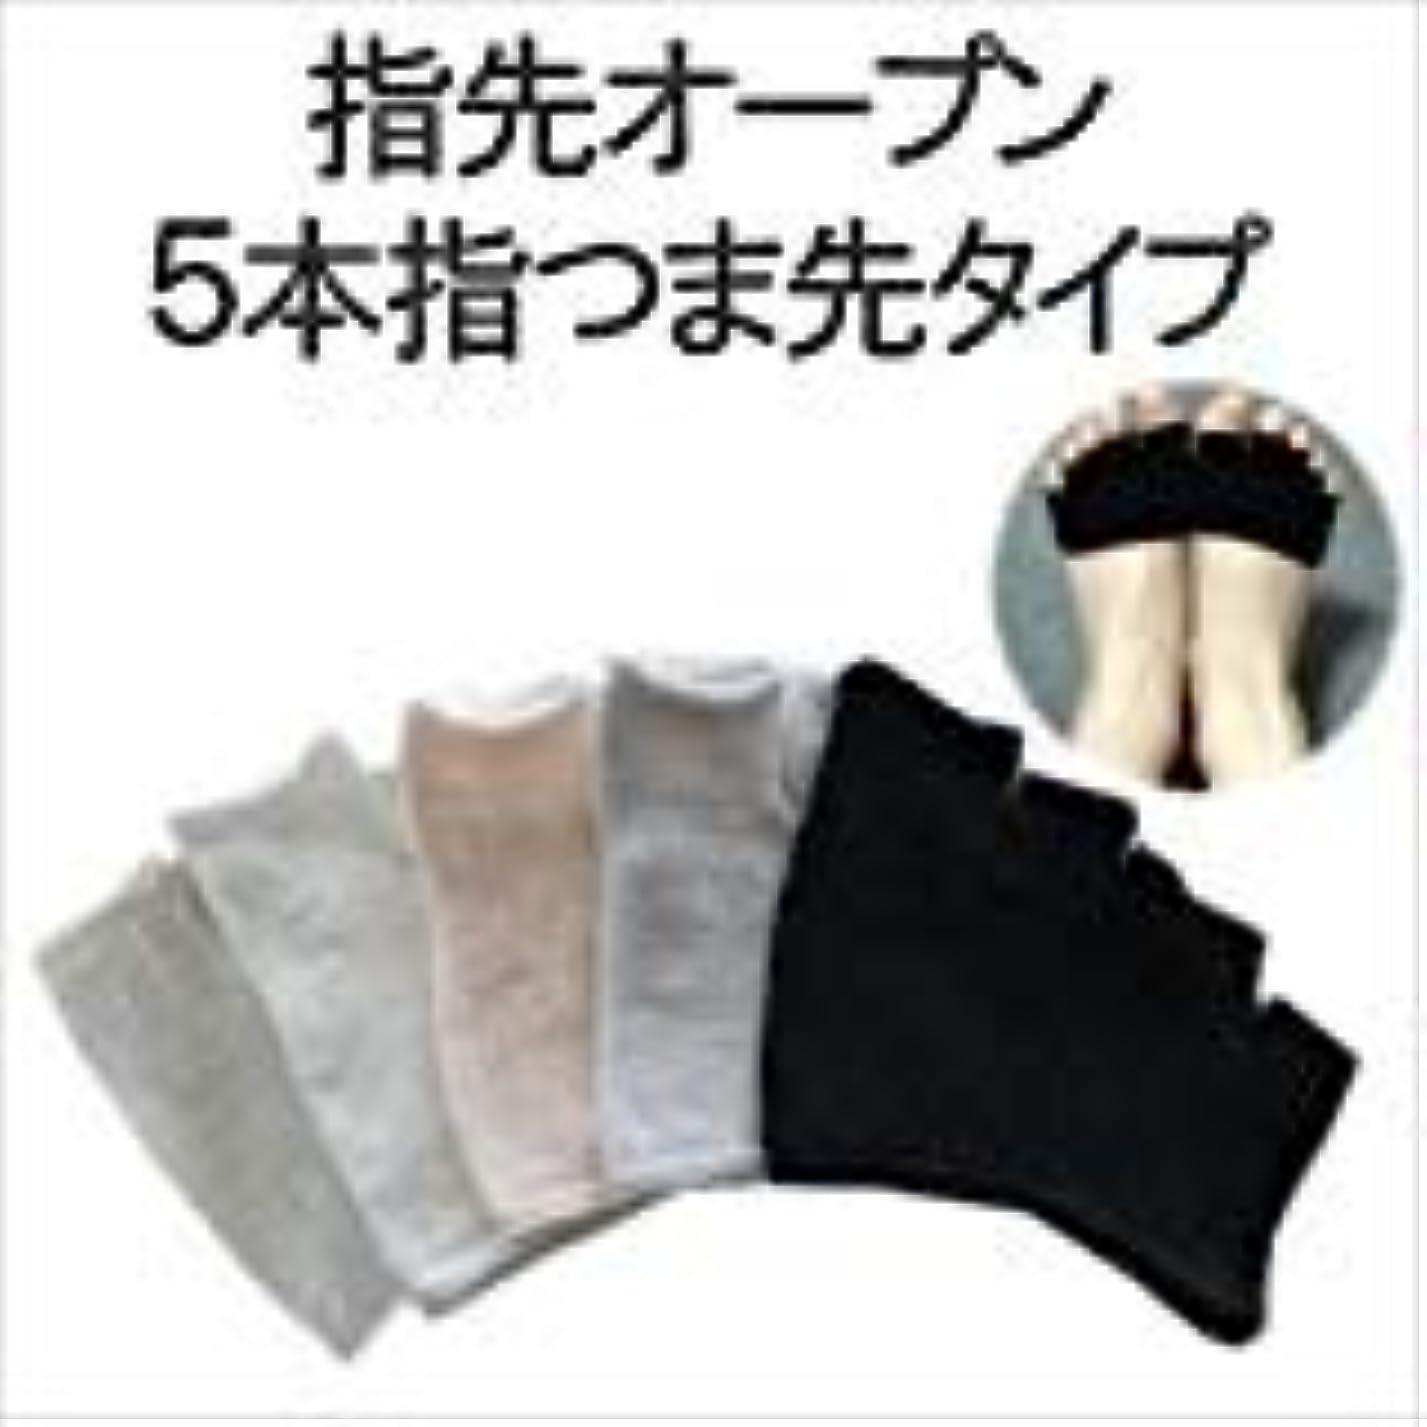 歩き回る不要原告重ね履き用 5本指 指先オープン 汗 臭い対策 男女兼用 太陽ニット 310 (ホワイト)